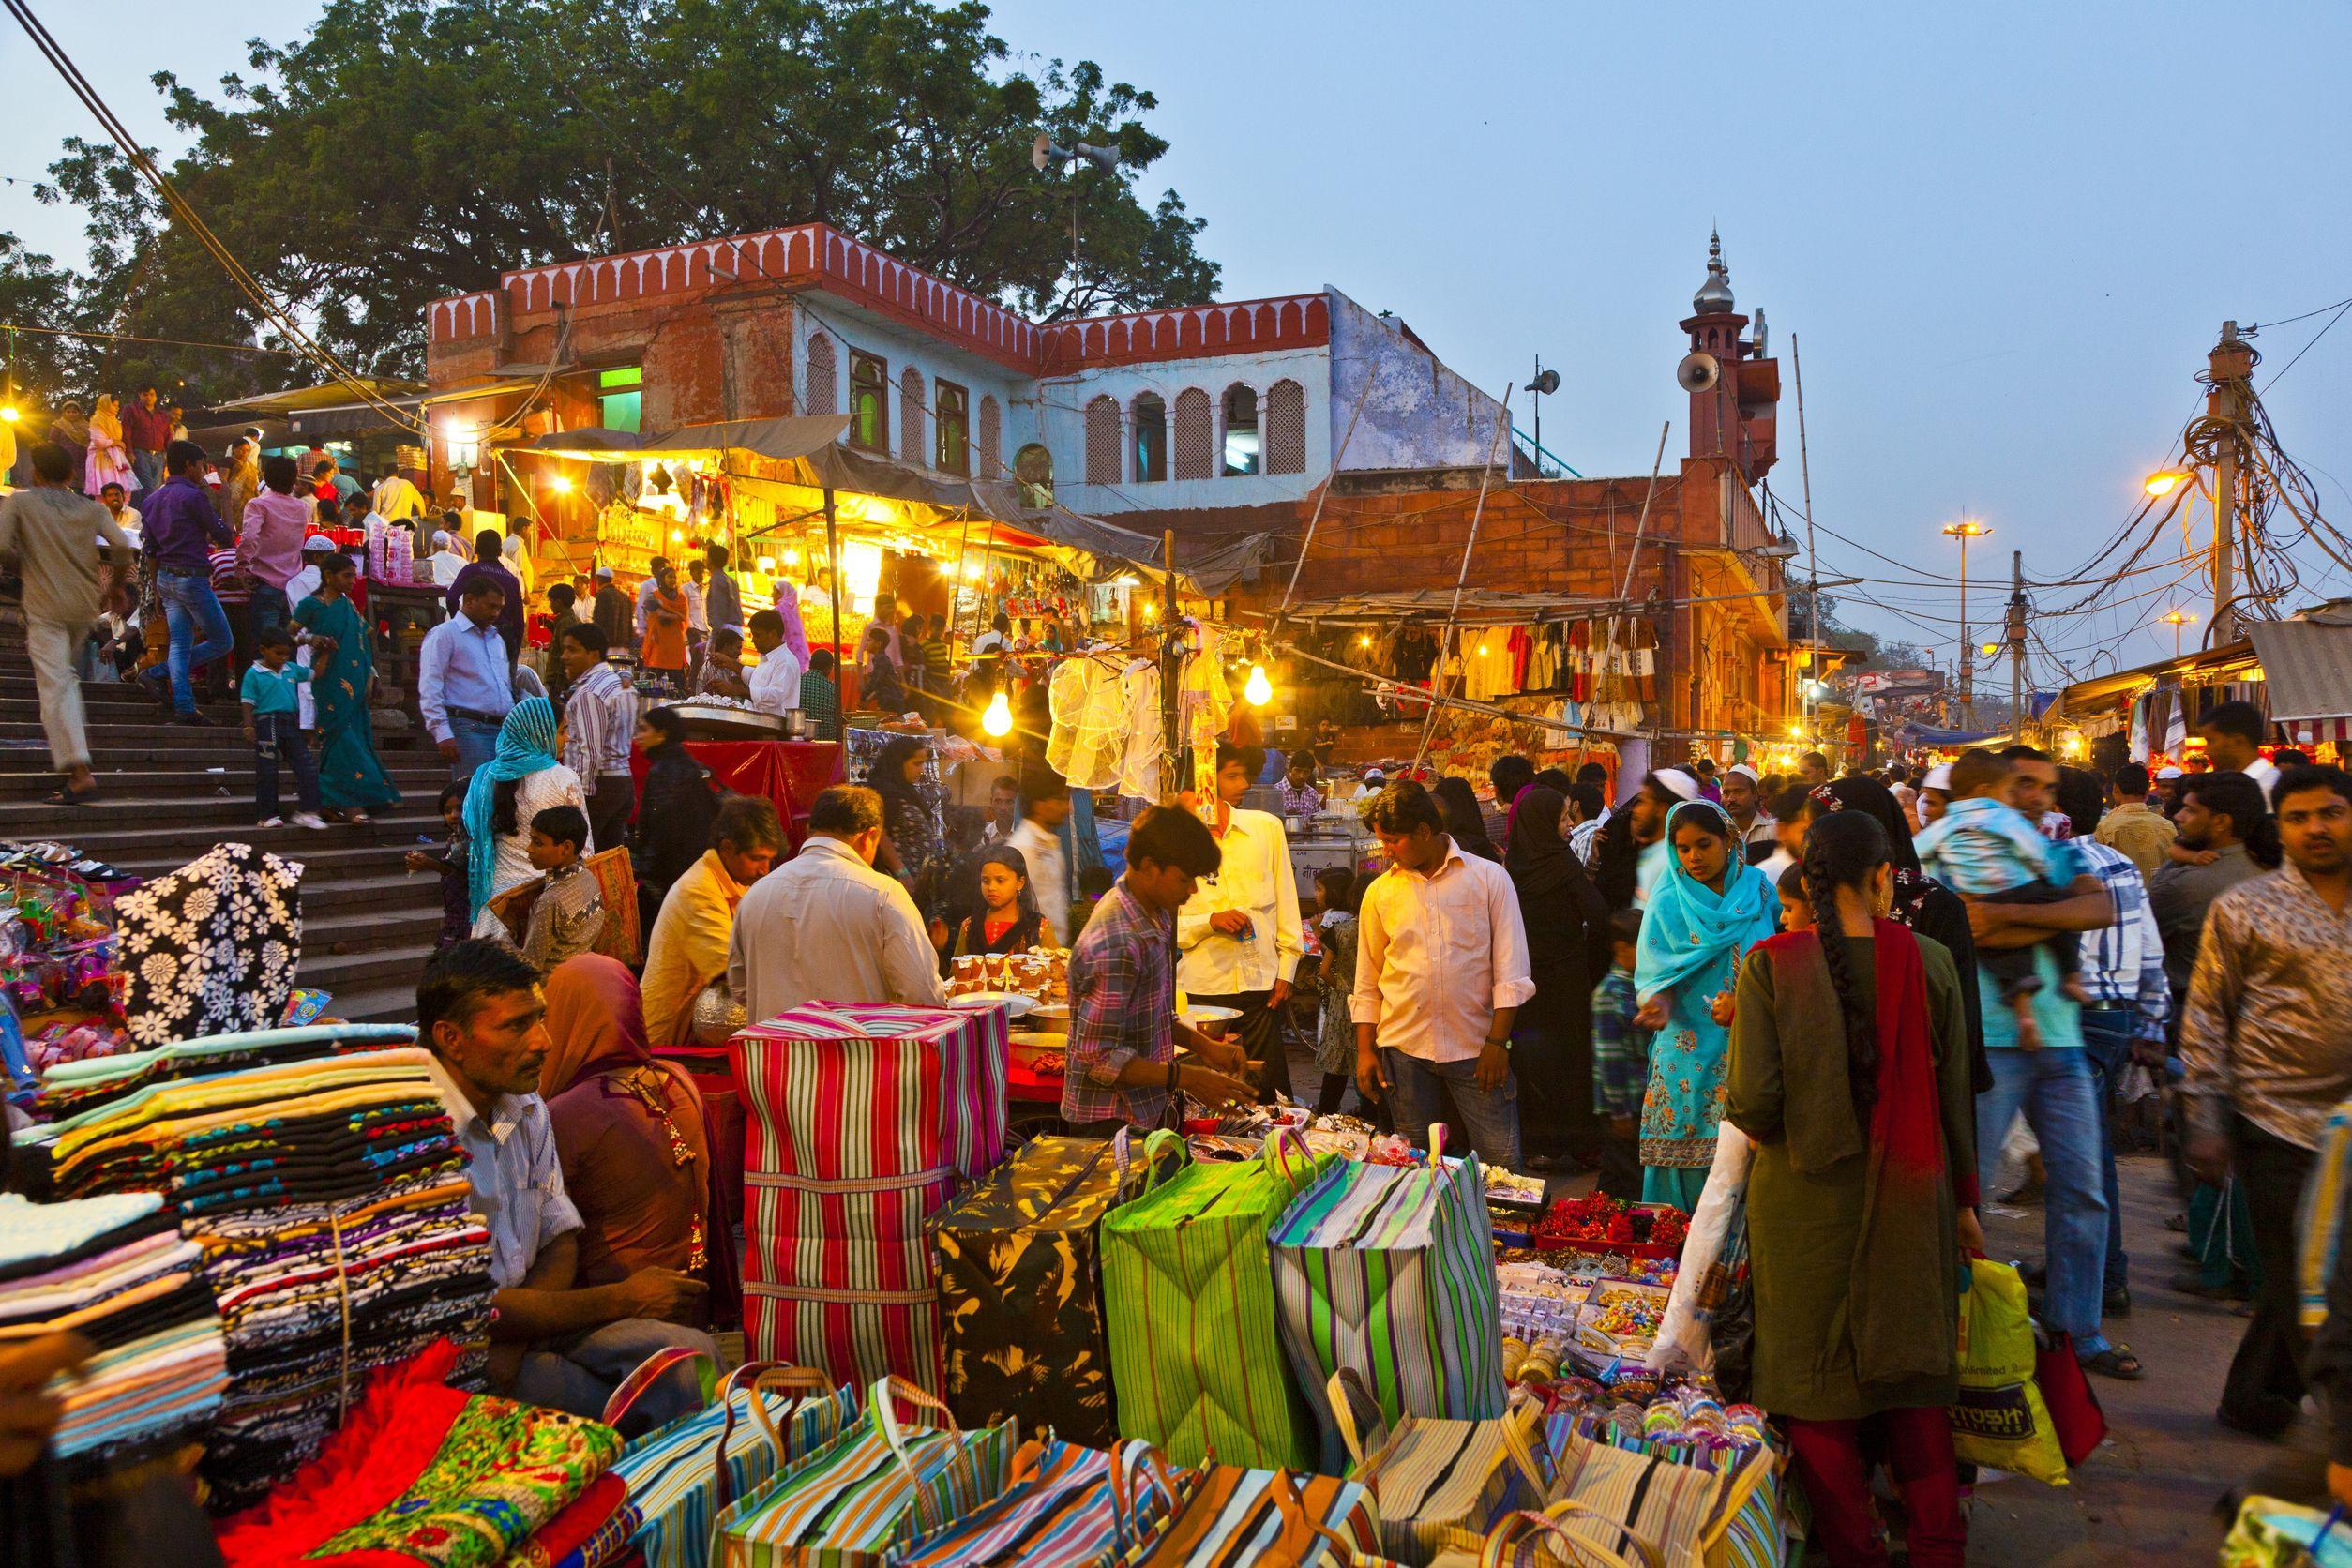 Meena-Bazaar-in-front-of-Jama-Mashid-mosque-in-Delhi-India